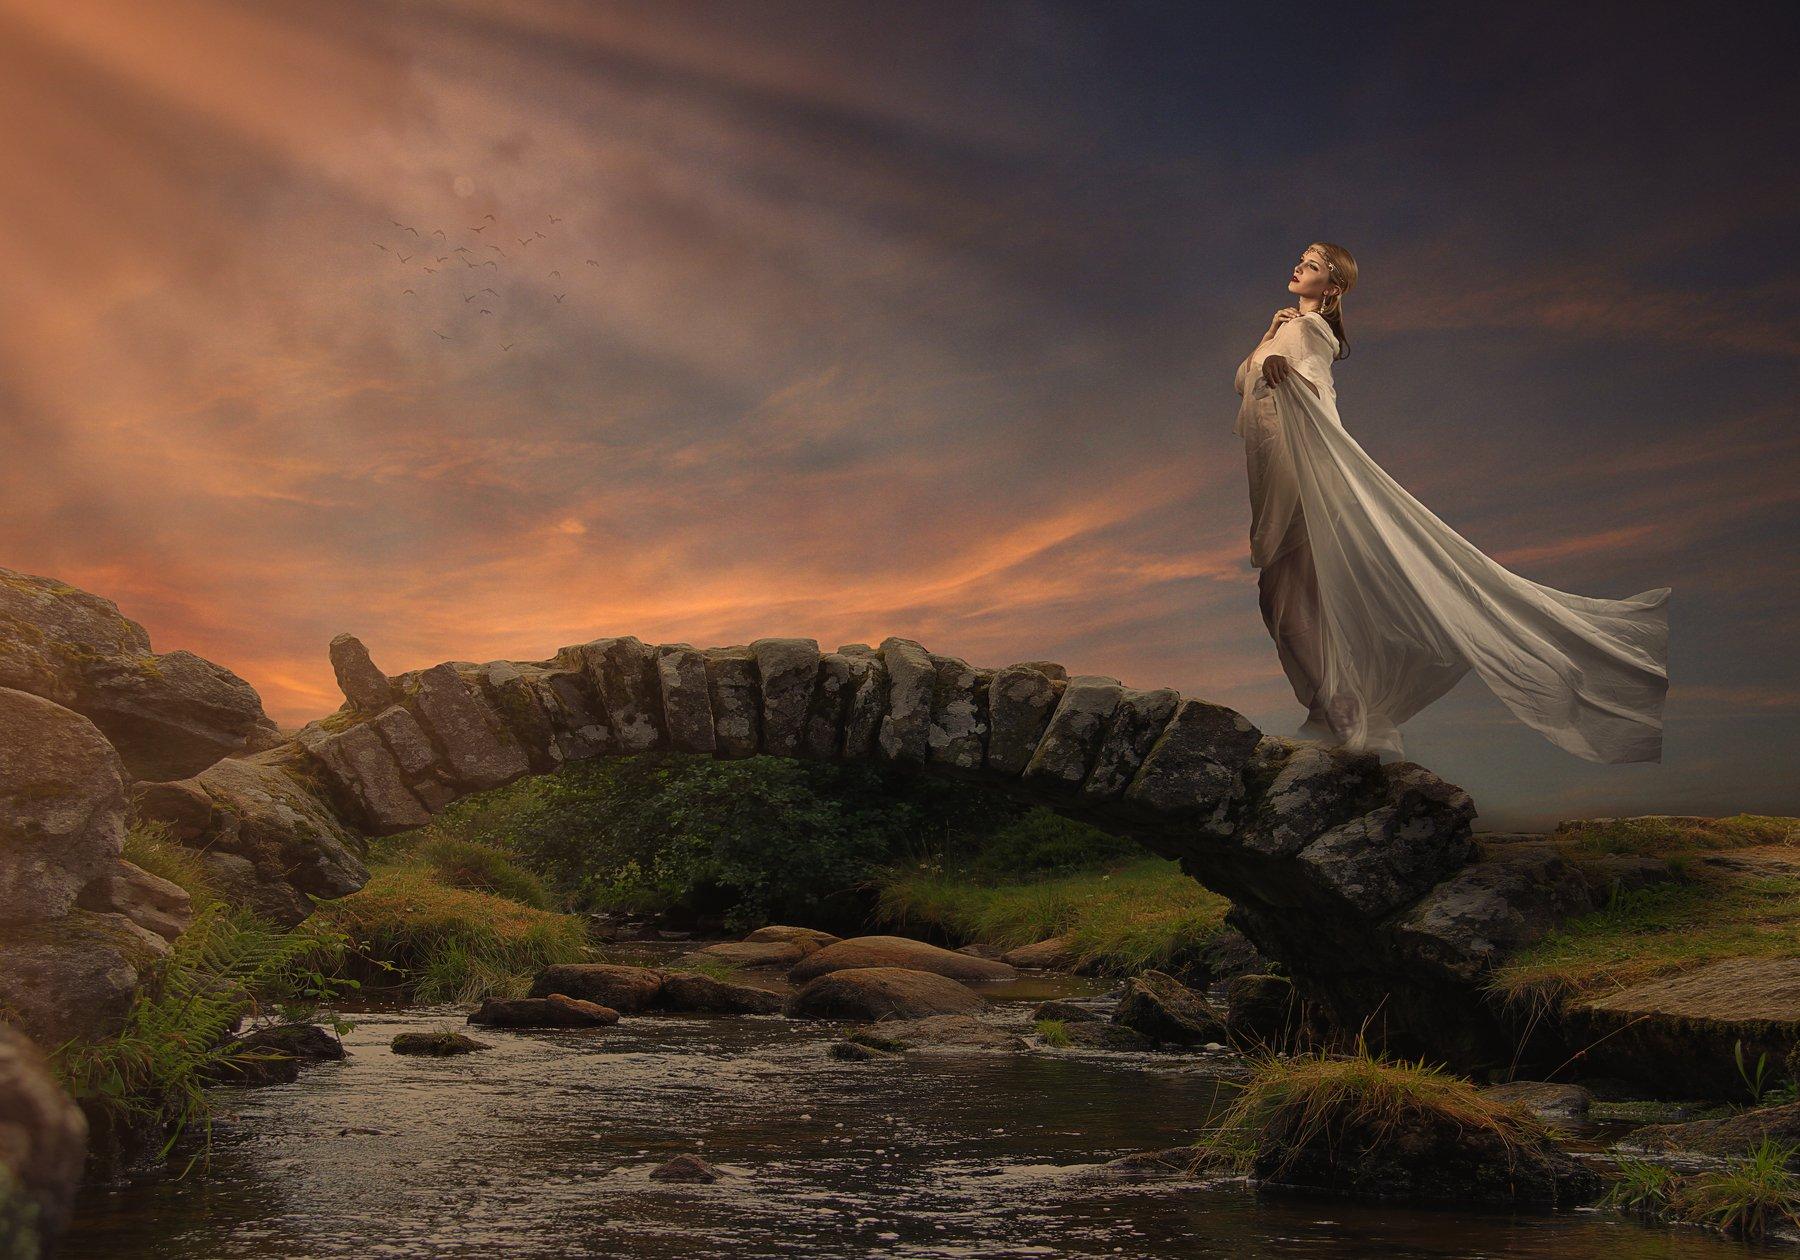 мост, девушка, облака, закат, Sergii Vidov